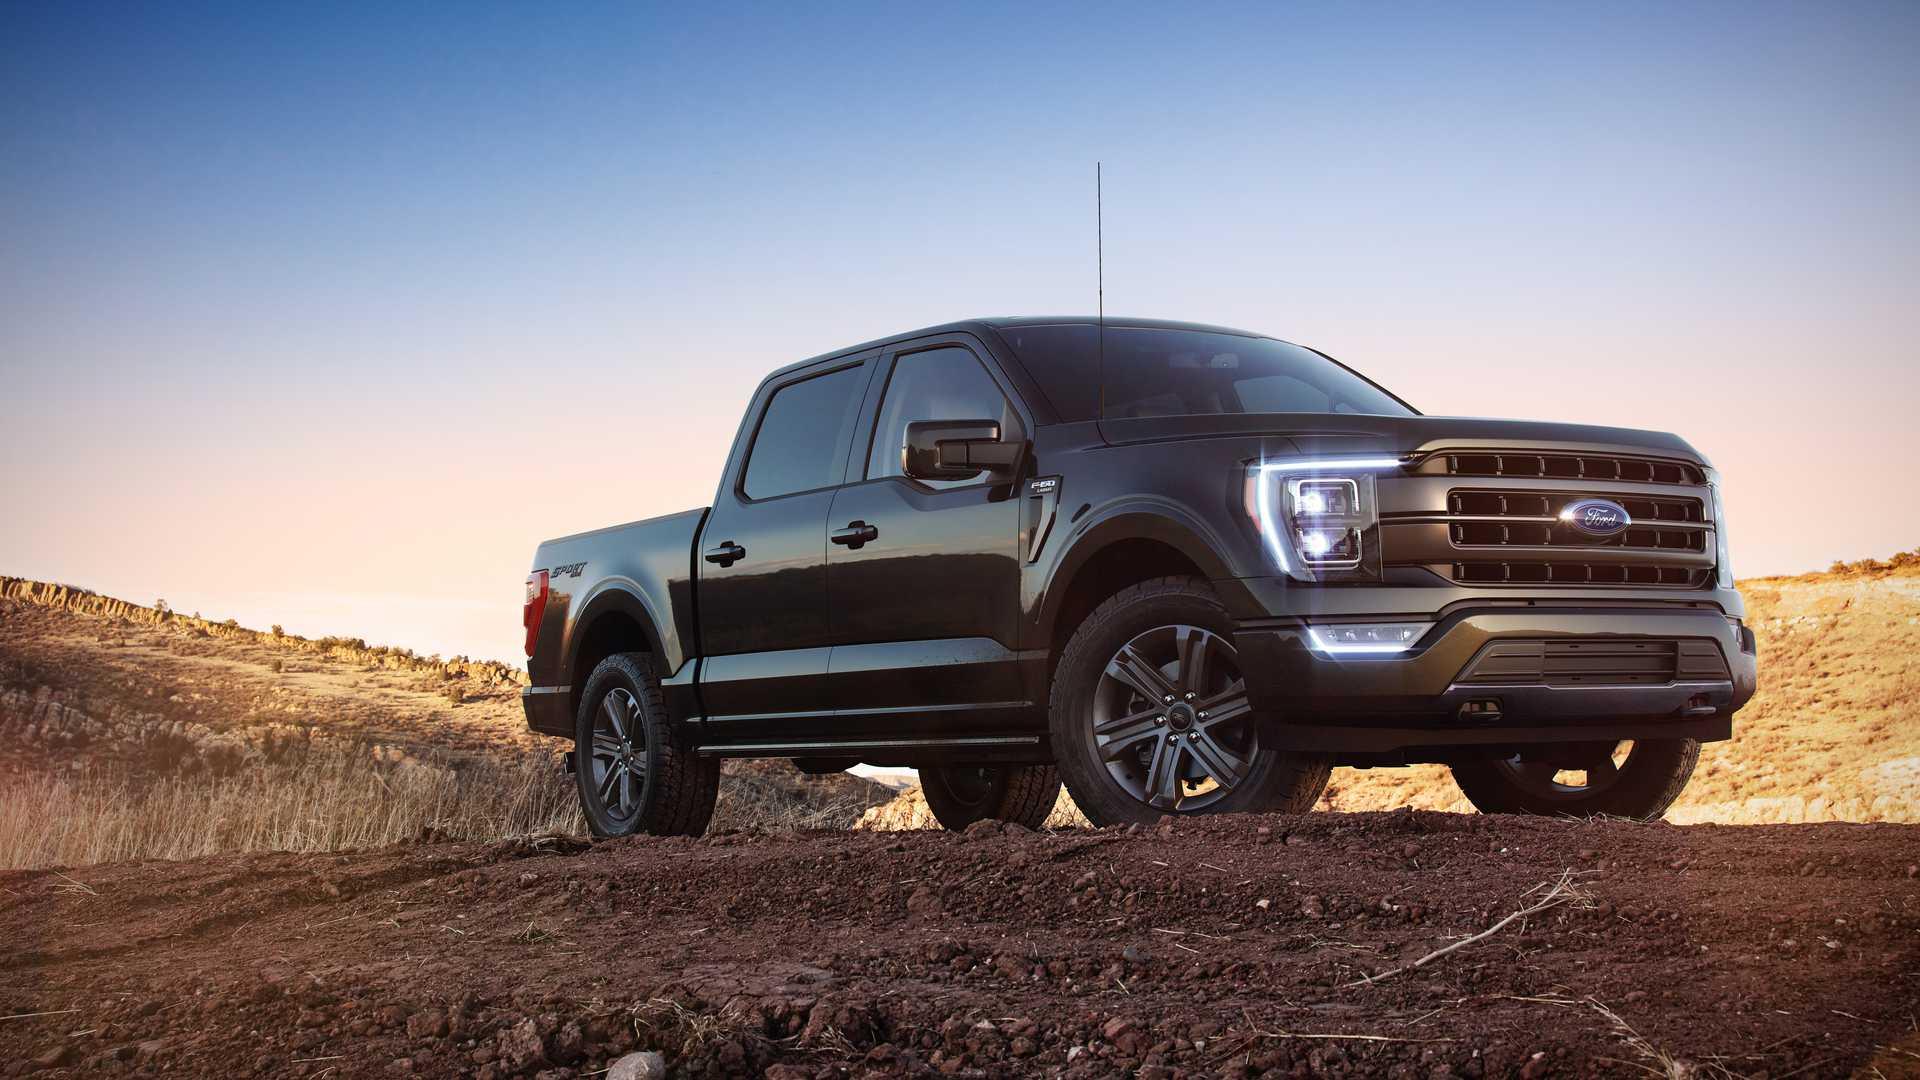 Компания Ford раскрыла информацию о линейке двигателей F-150 четырнадцатого поколения. Самая популярная в США модель совместила уже известные агрегаты с гибридной силовой установкой.